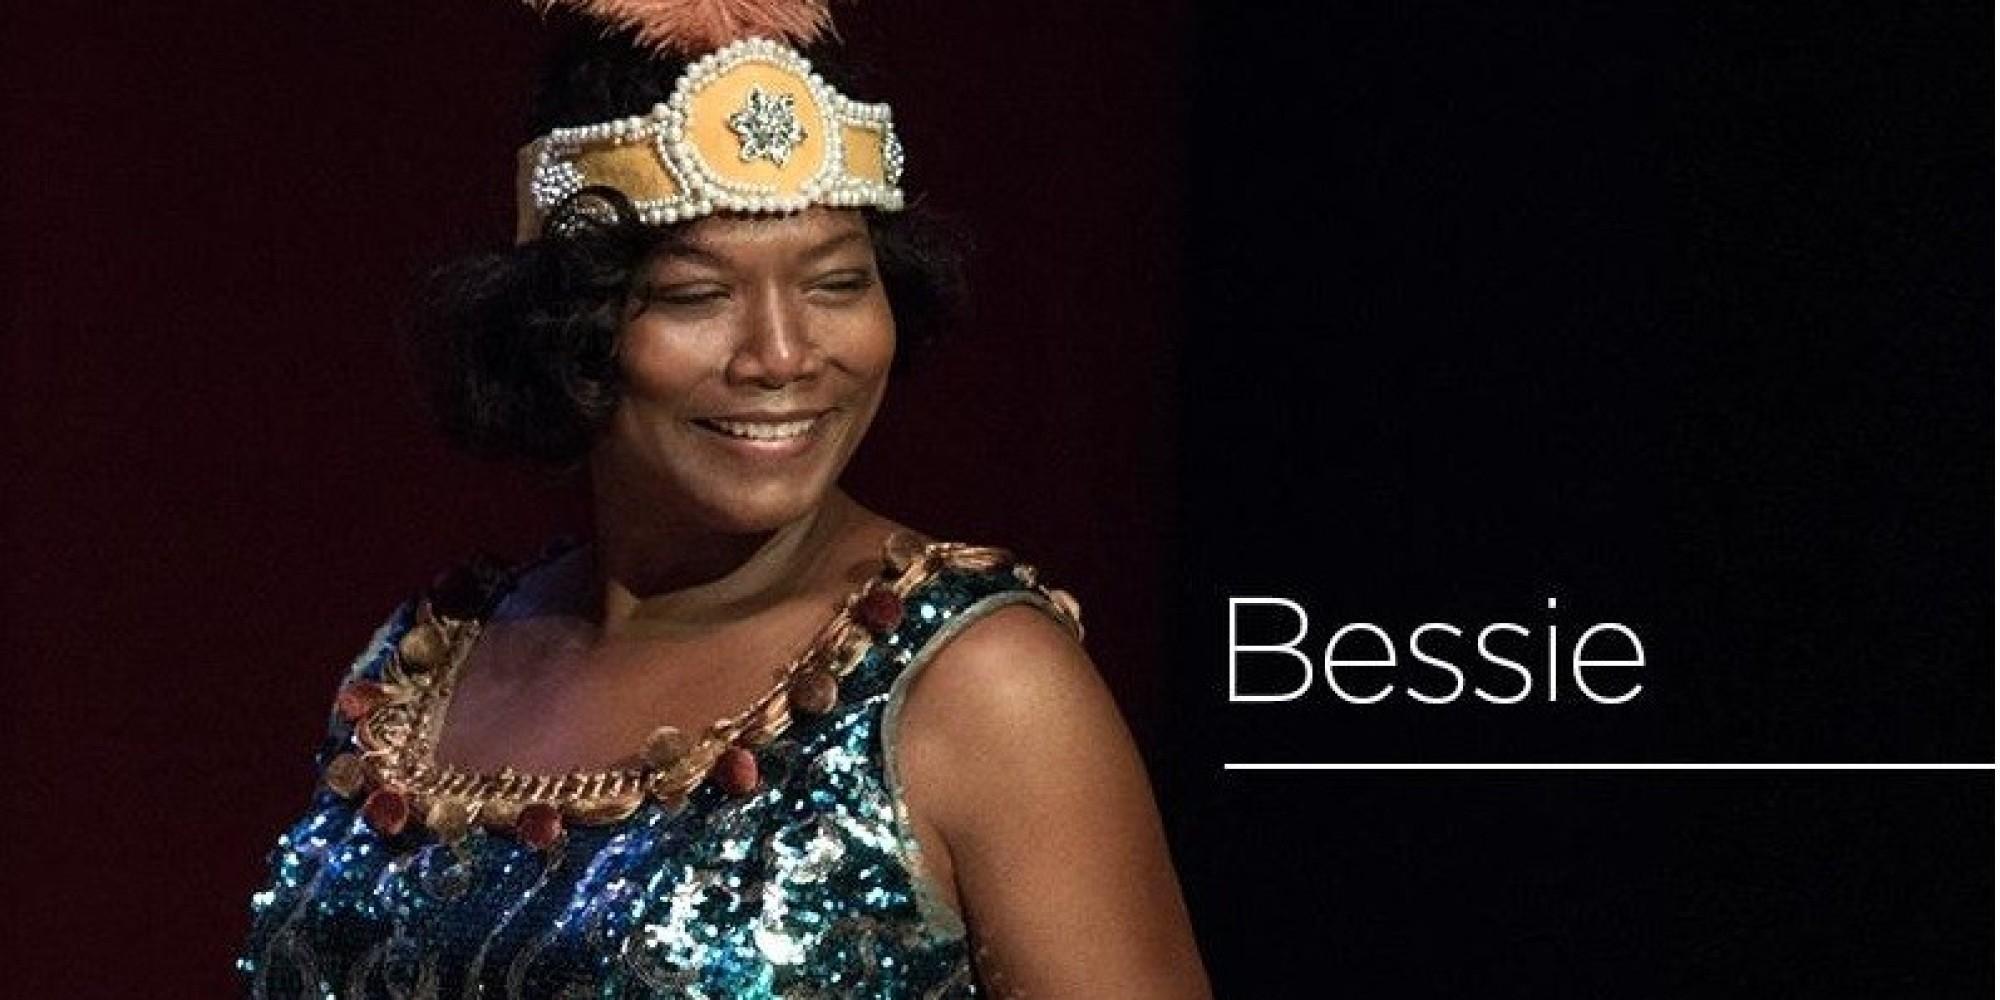 bessie smith wikipedia